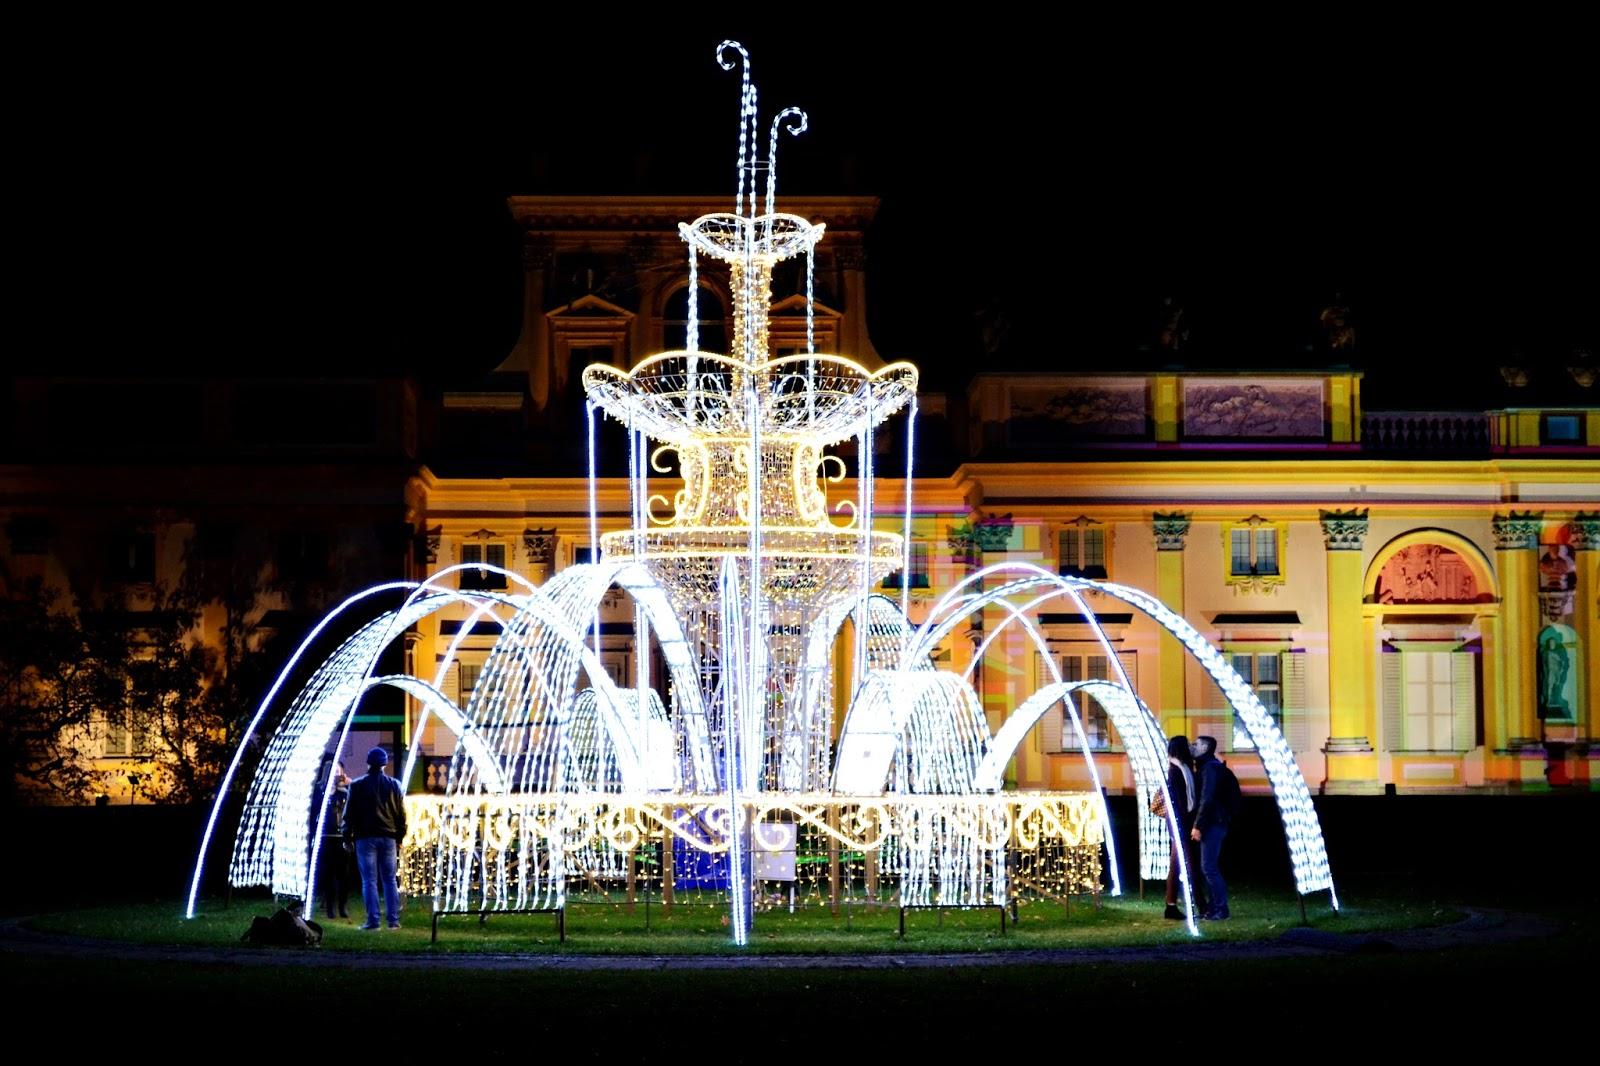 Królewski Ogród światła W Wilanowie Baba Za Klawiaturą